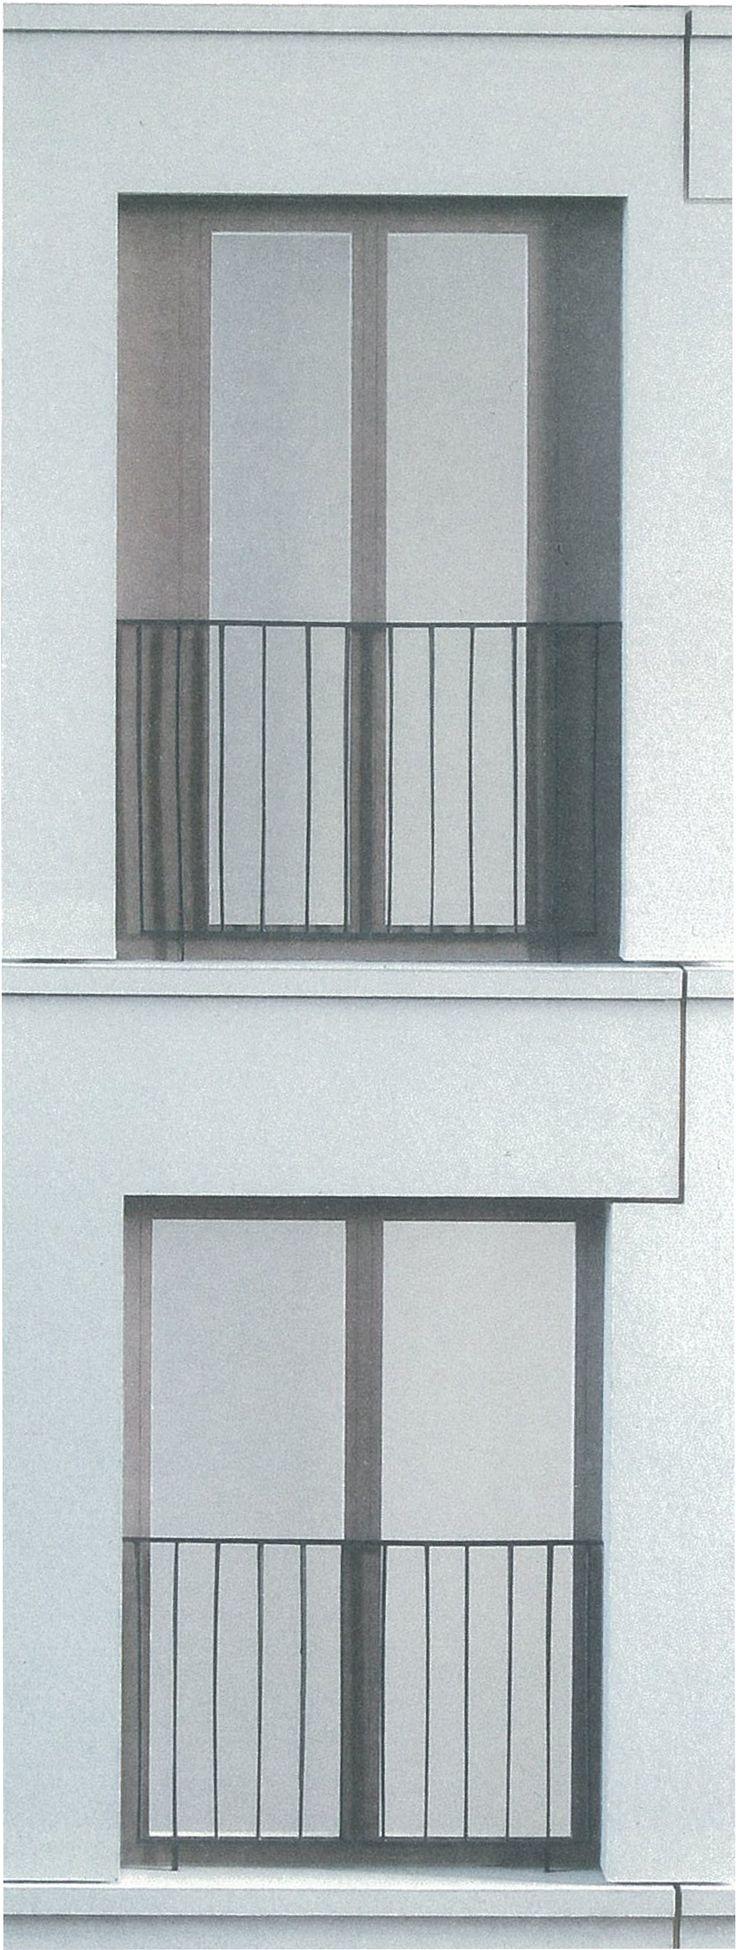 sergison bates - railings